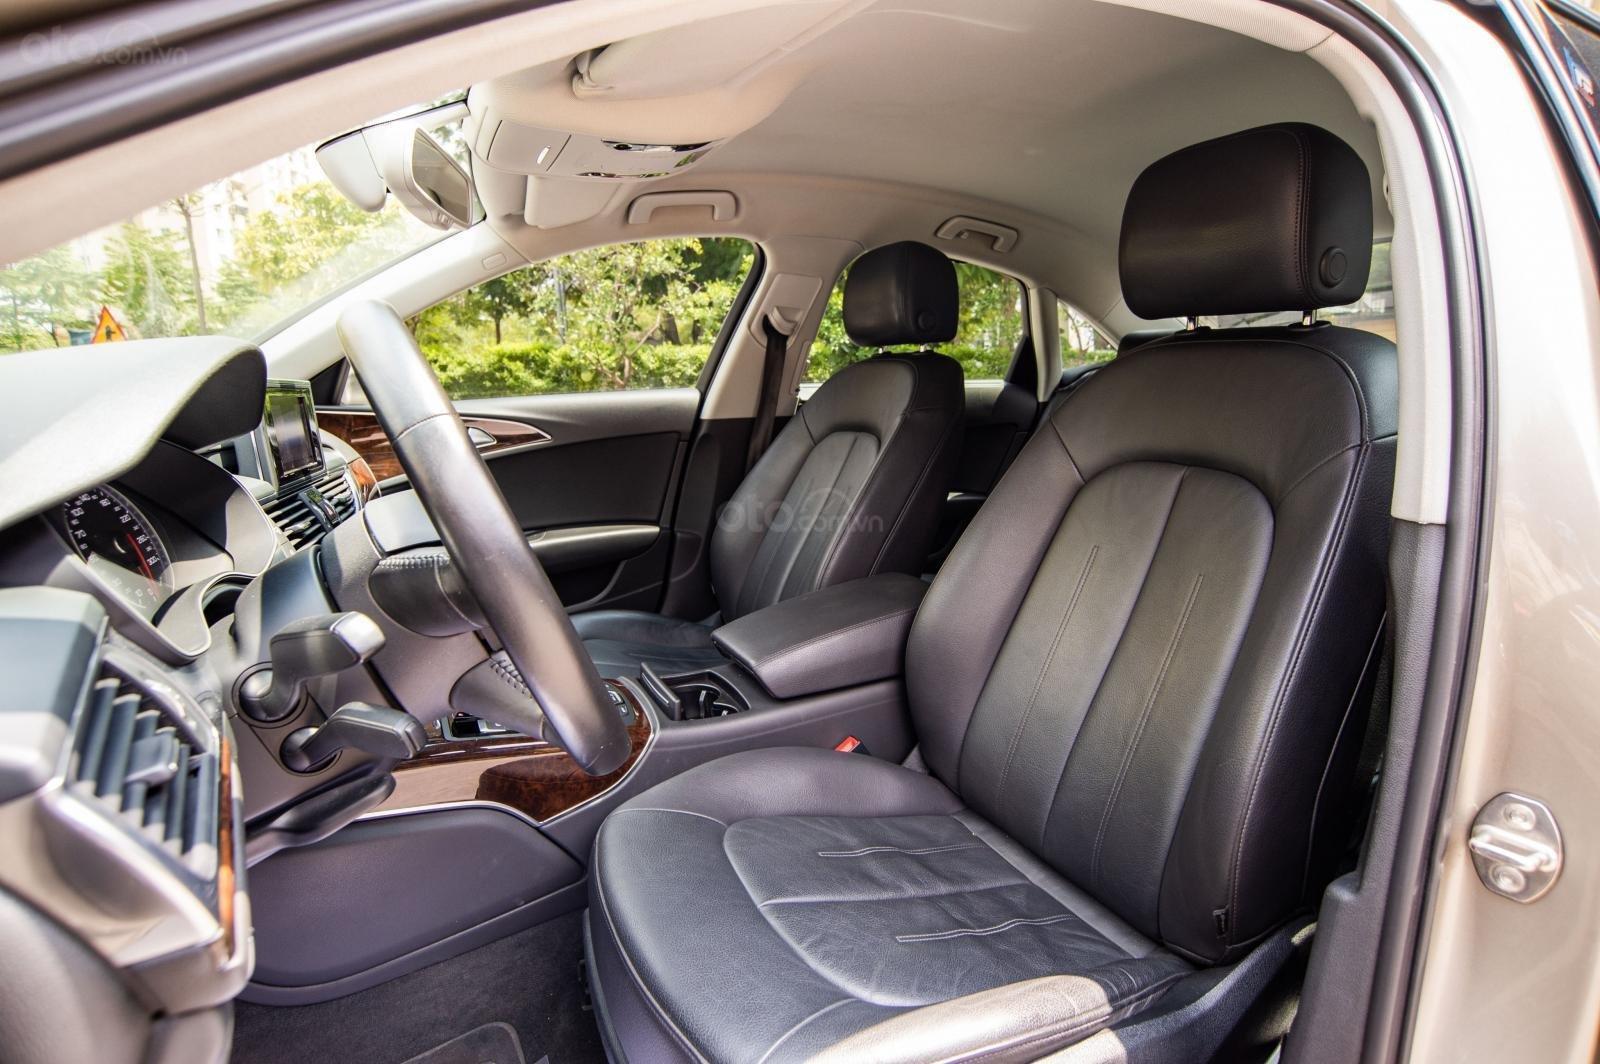 Cần bán xe Audi A6 1.8 TFSI sản xuất 2016, đăng kí 2017, biển Hà Nội (9)